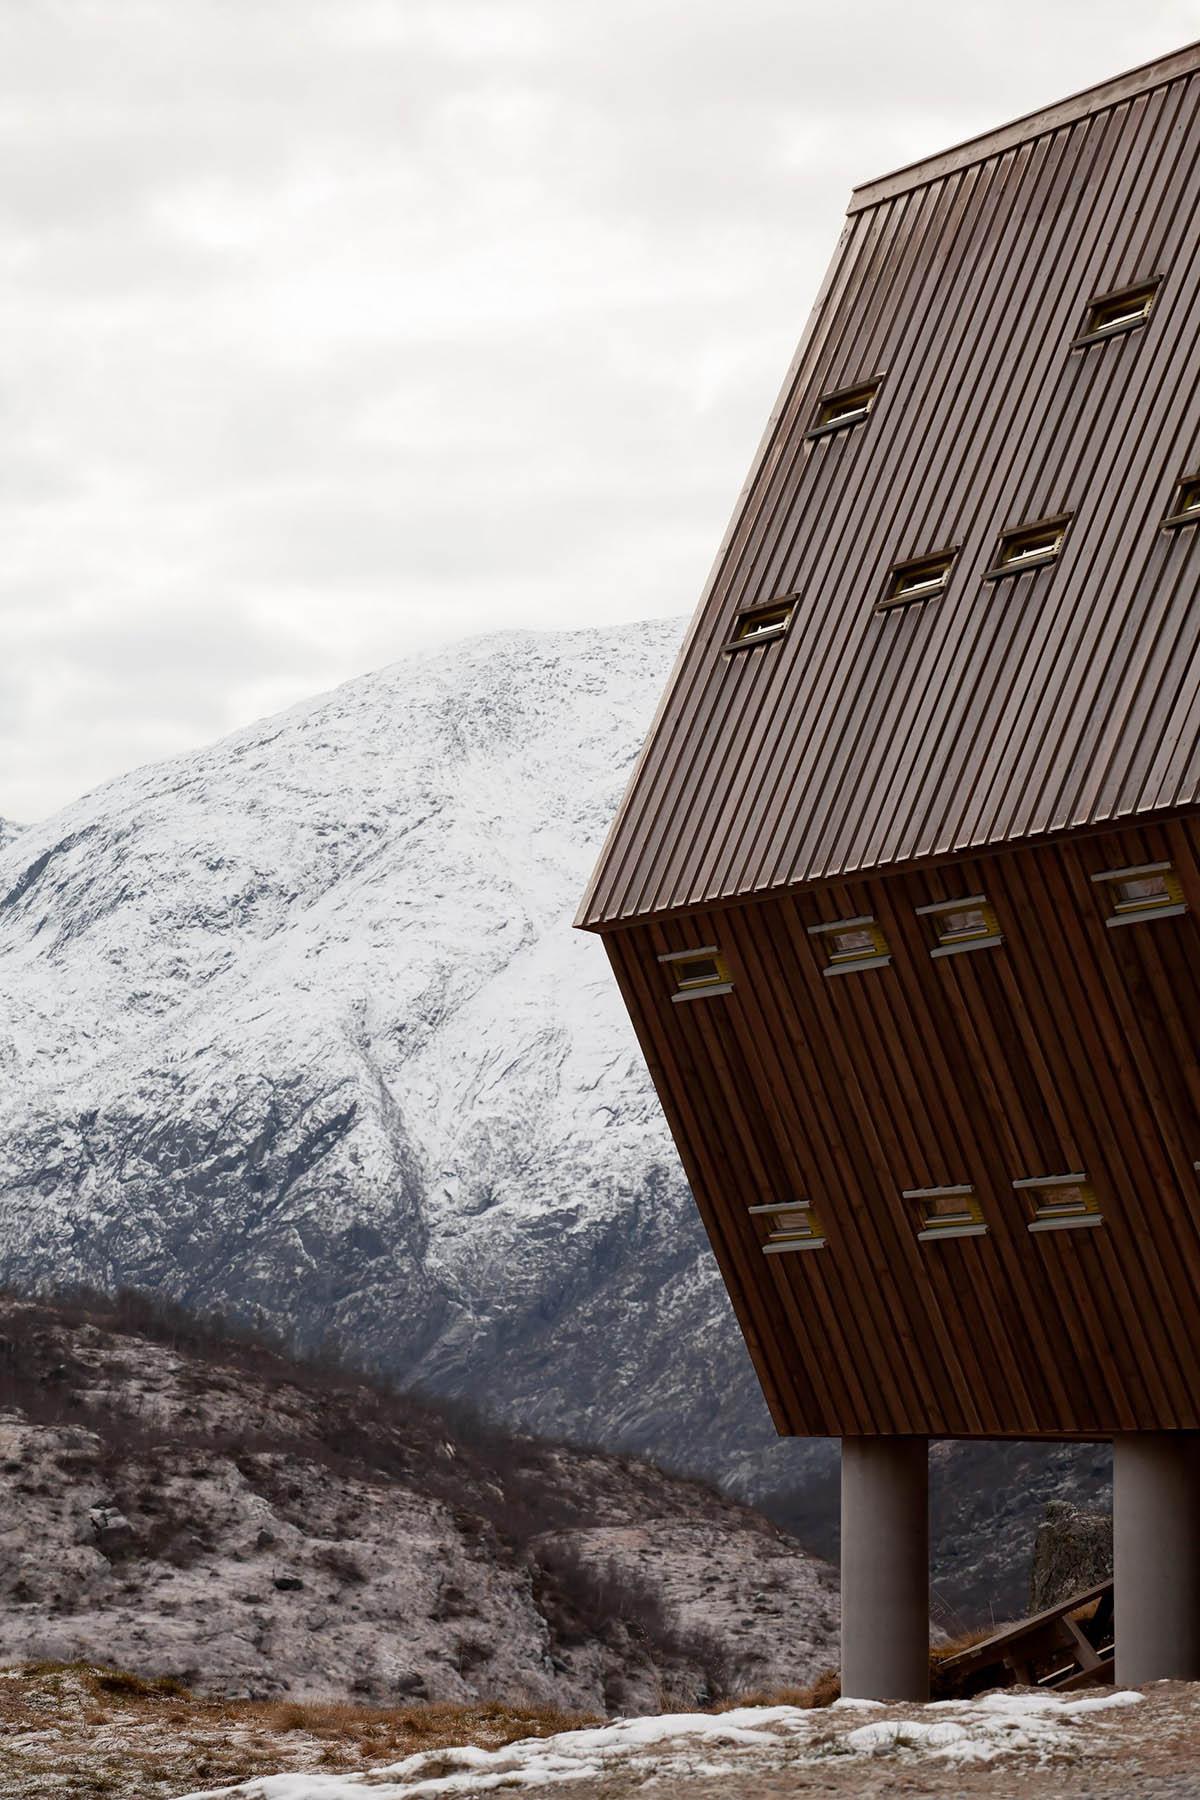 Tungestølen Hiking Cabin by Snøhetta